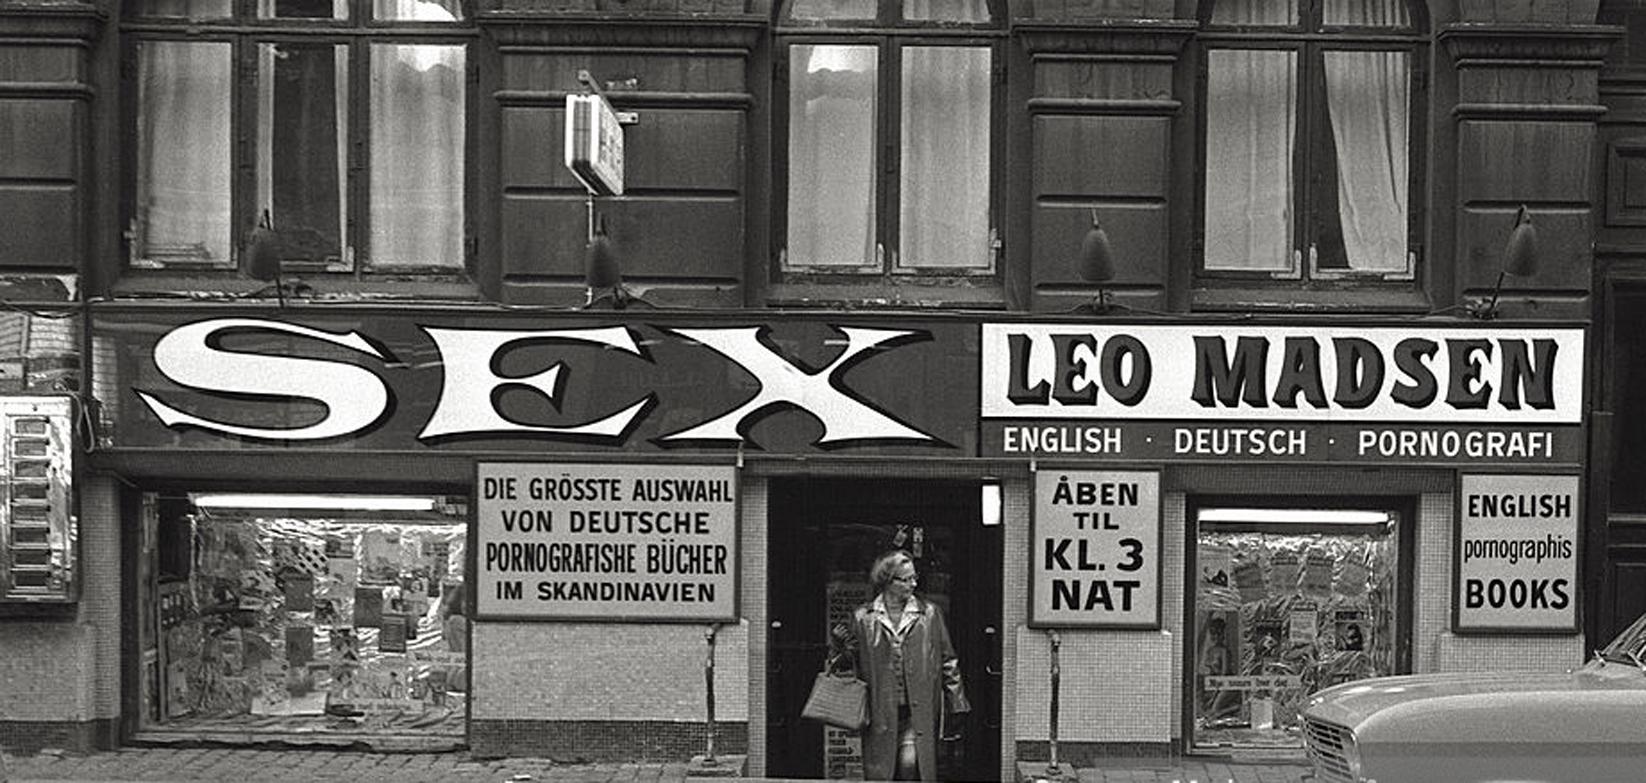 Leo Madsen